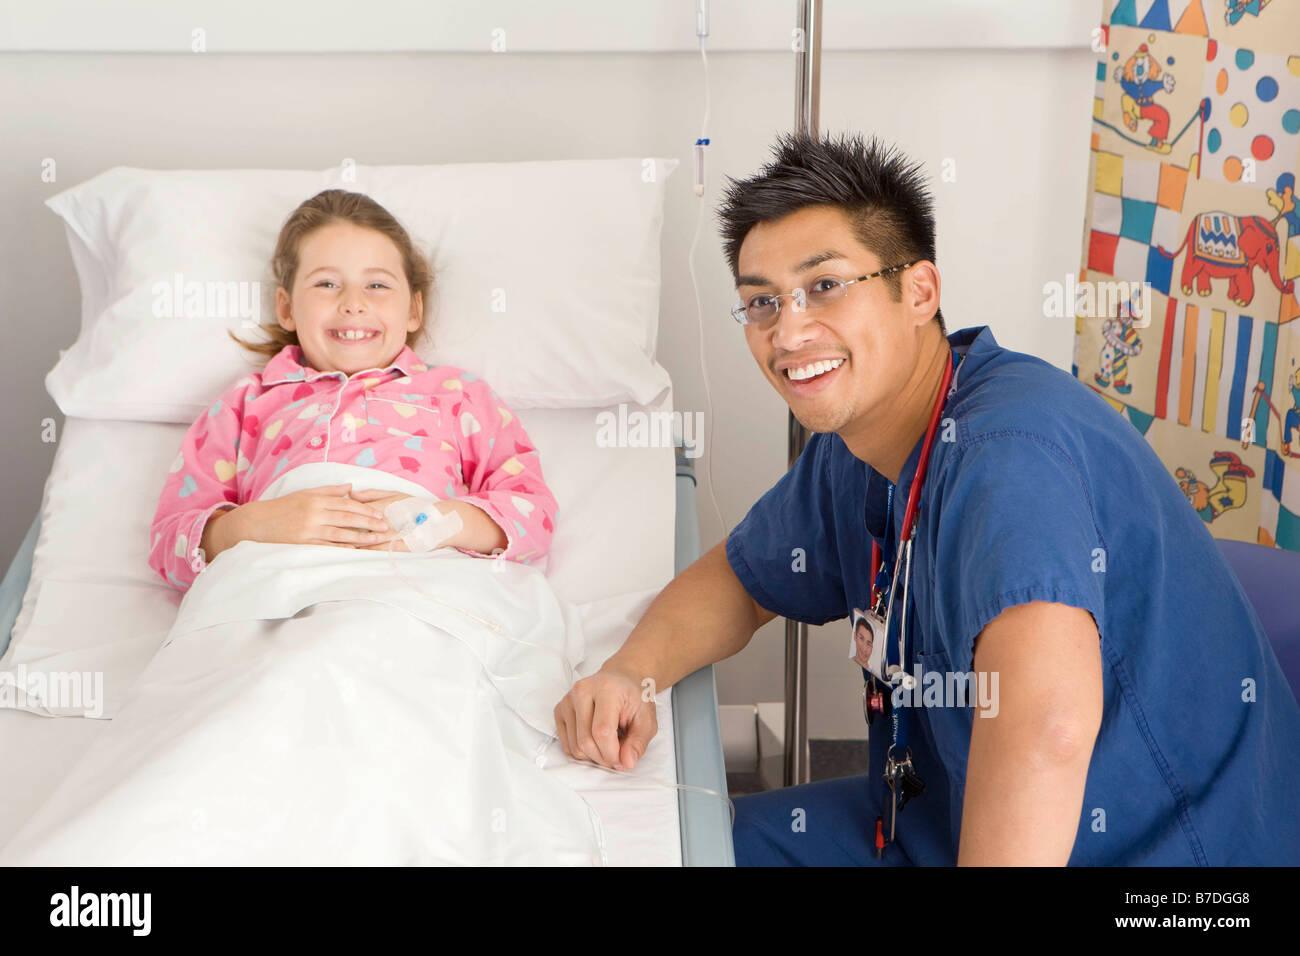 Un médecin homme visites a sick girl Photo Stock